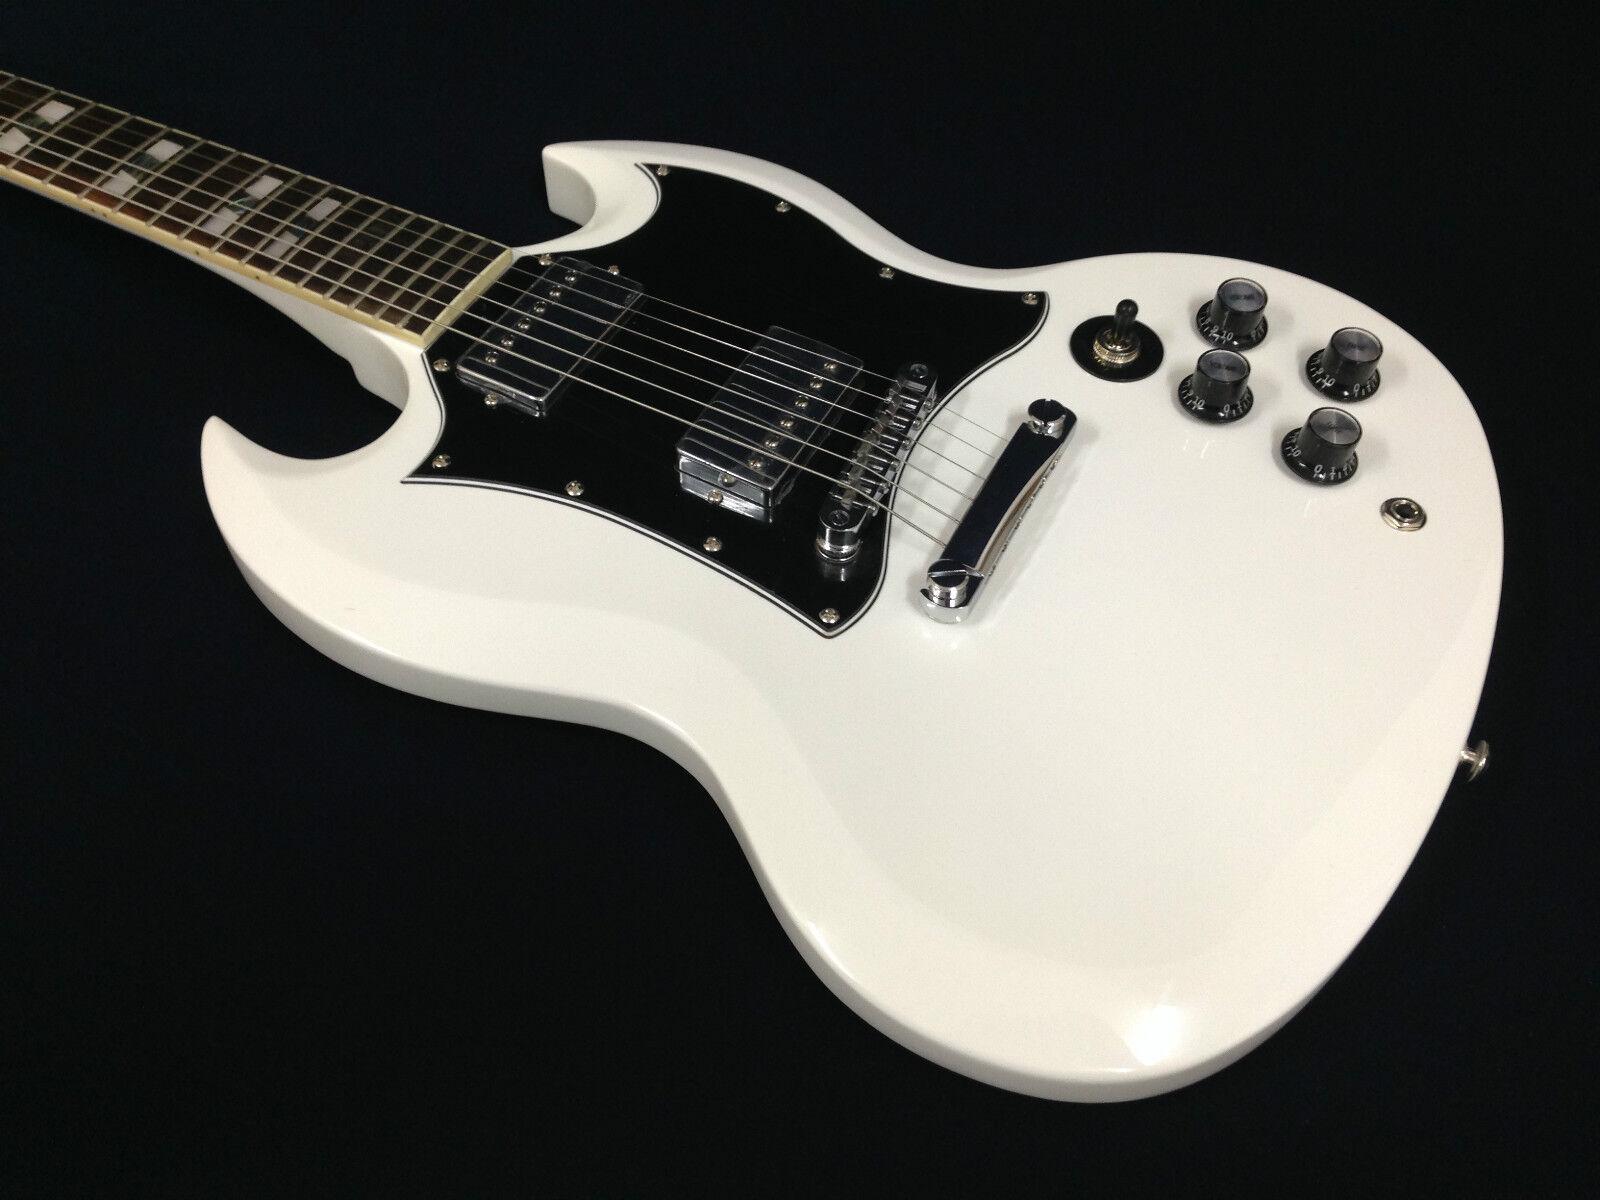 4 4 4 4 estilo Haze SG guitarra eléctrica de cuerpo sólido, blancoo + bolsa Gig Bag GRATIS, Selecciones. SEG-271WH e9cb64